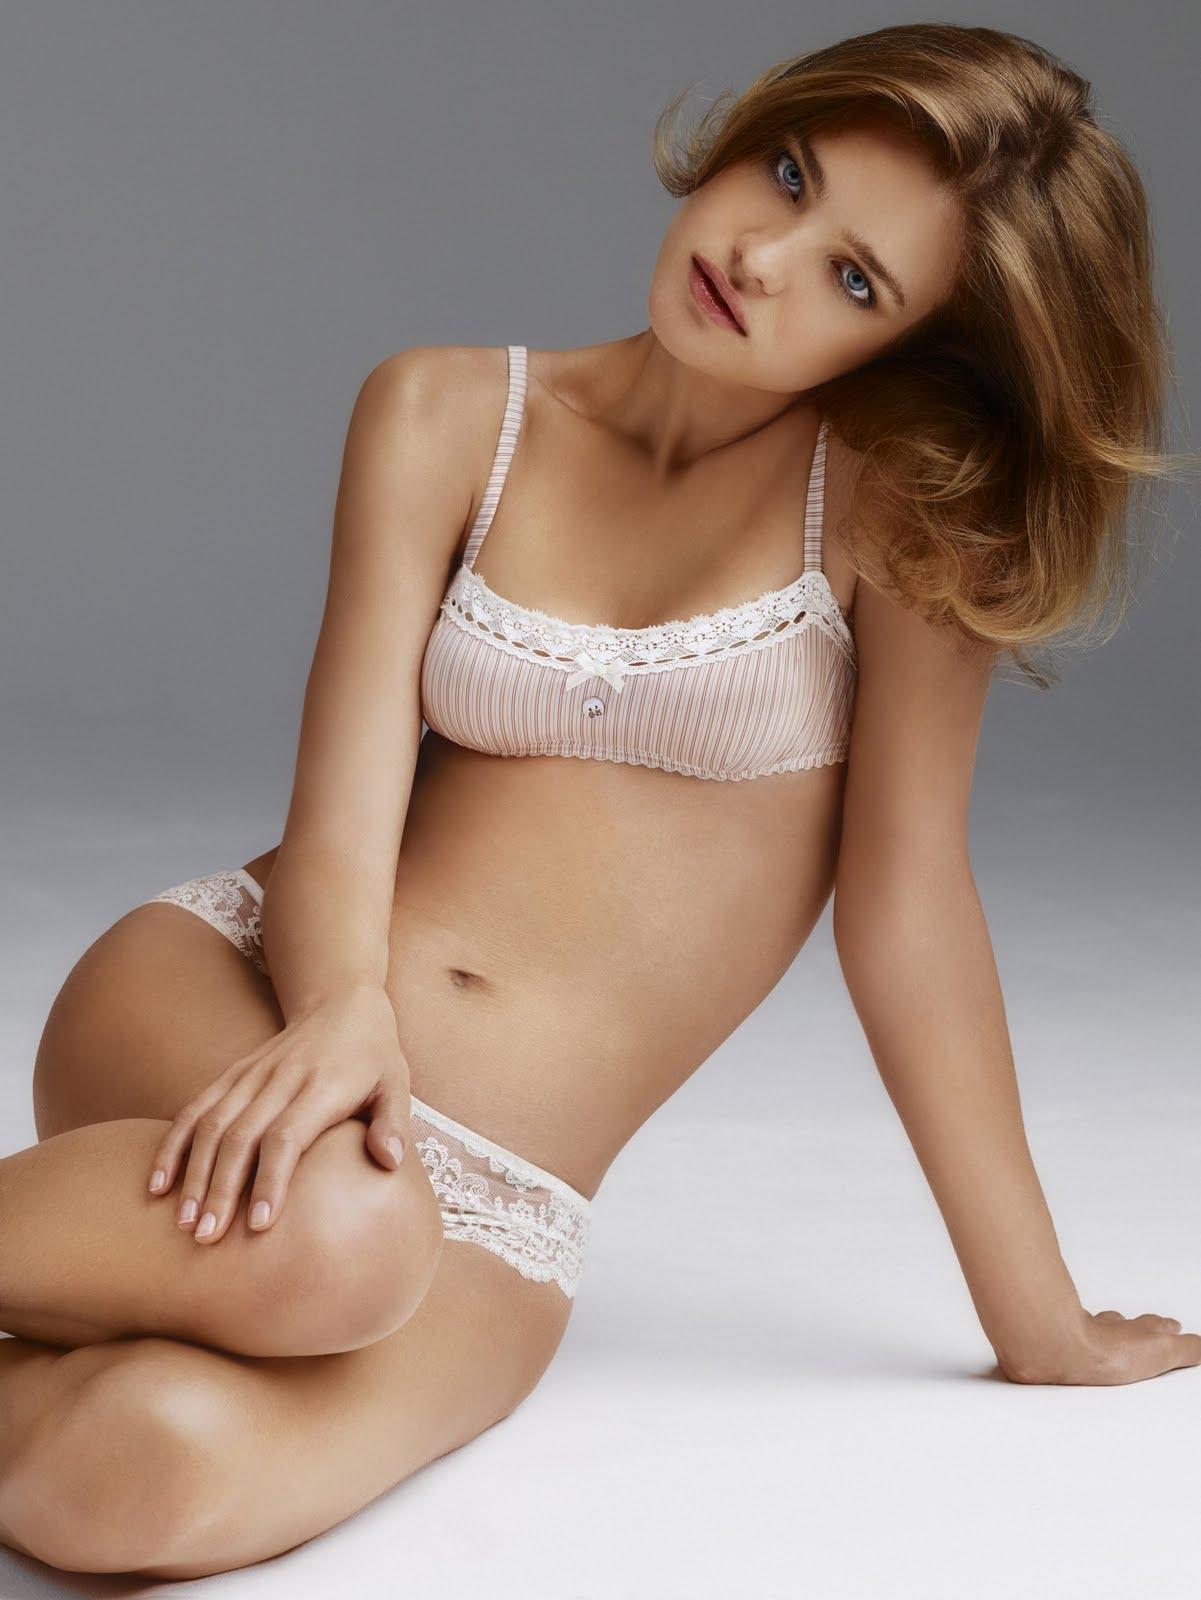 http://4.bp.blogspot.com/-rnE1GjiIjBo/Tc4FWcnsrXI/AAAAAAAAOG8/Mzu6LIPC9BM/s1600/Natalia+Vodianova+Etam+.jpg